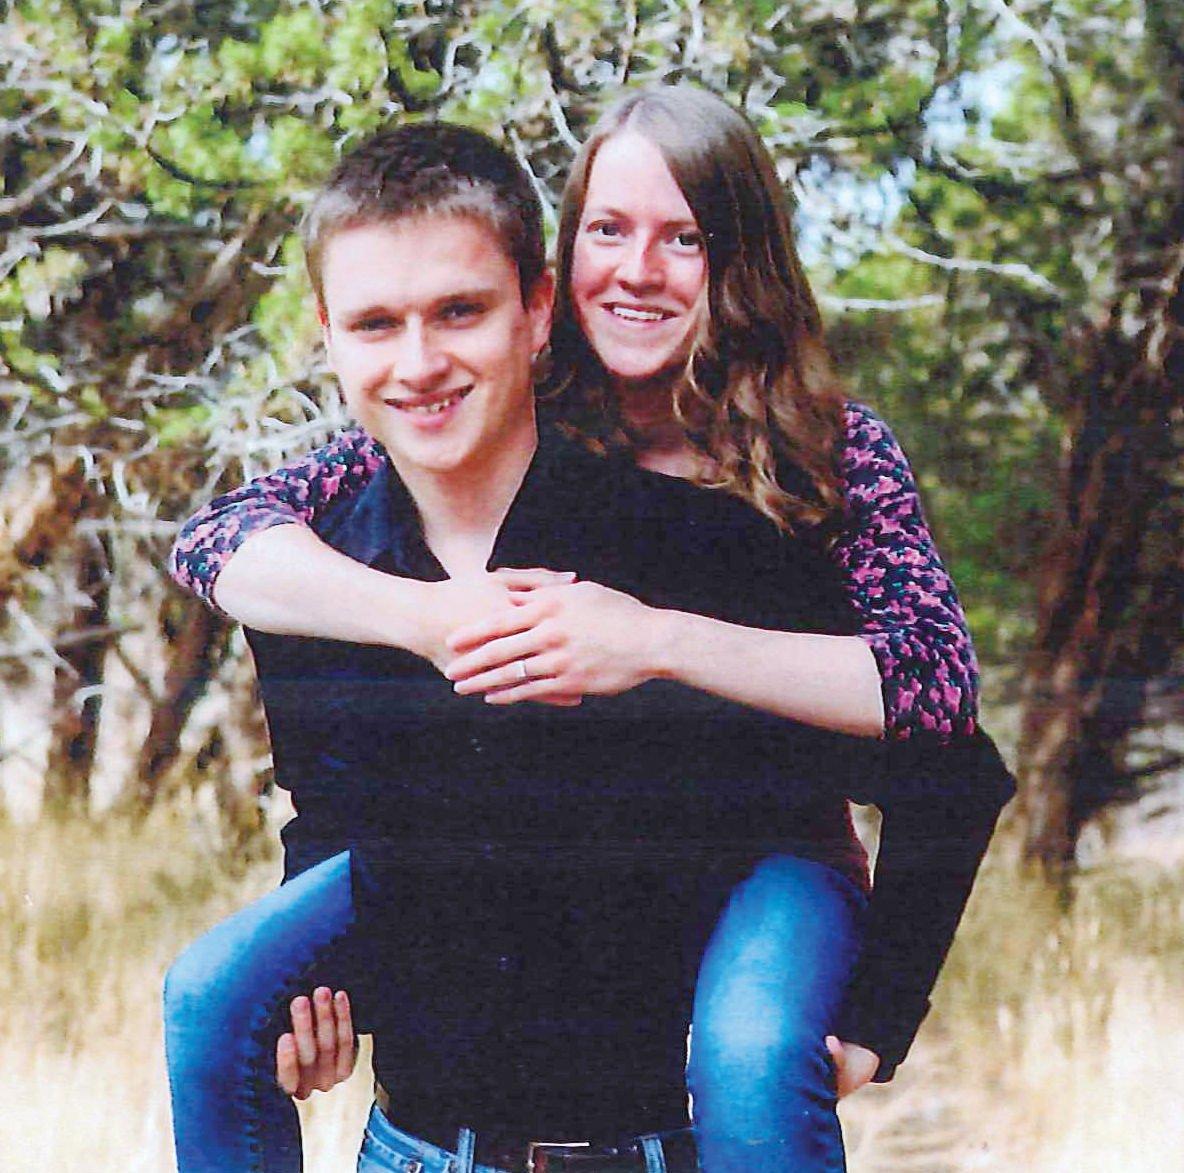 Megan Griffiths and Thomas Nowicki